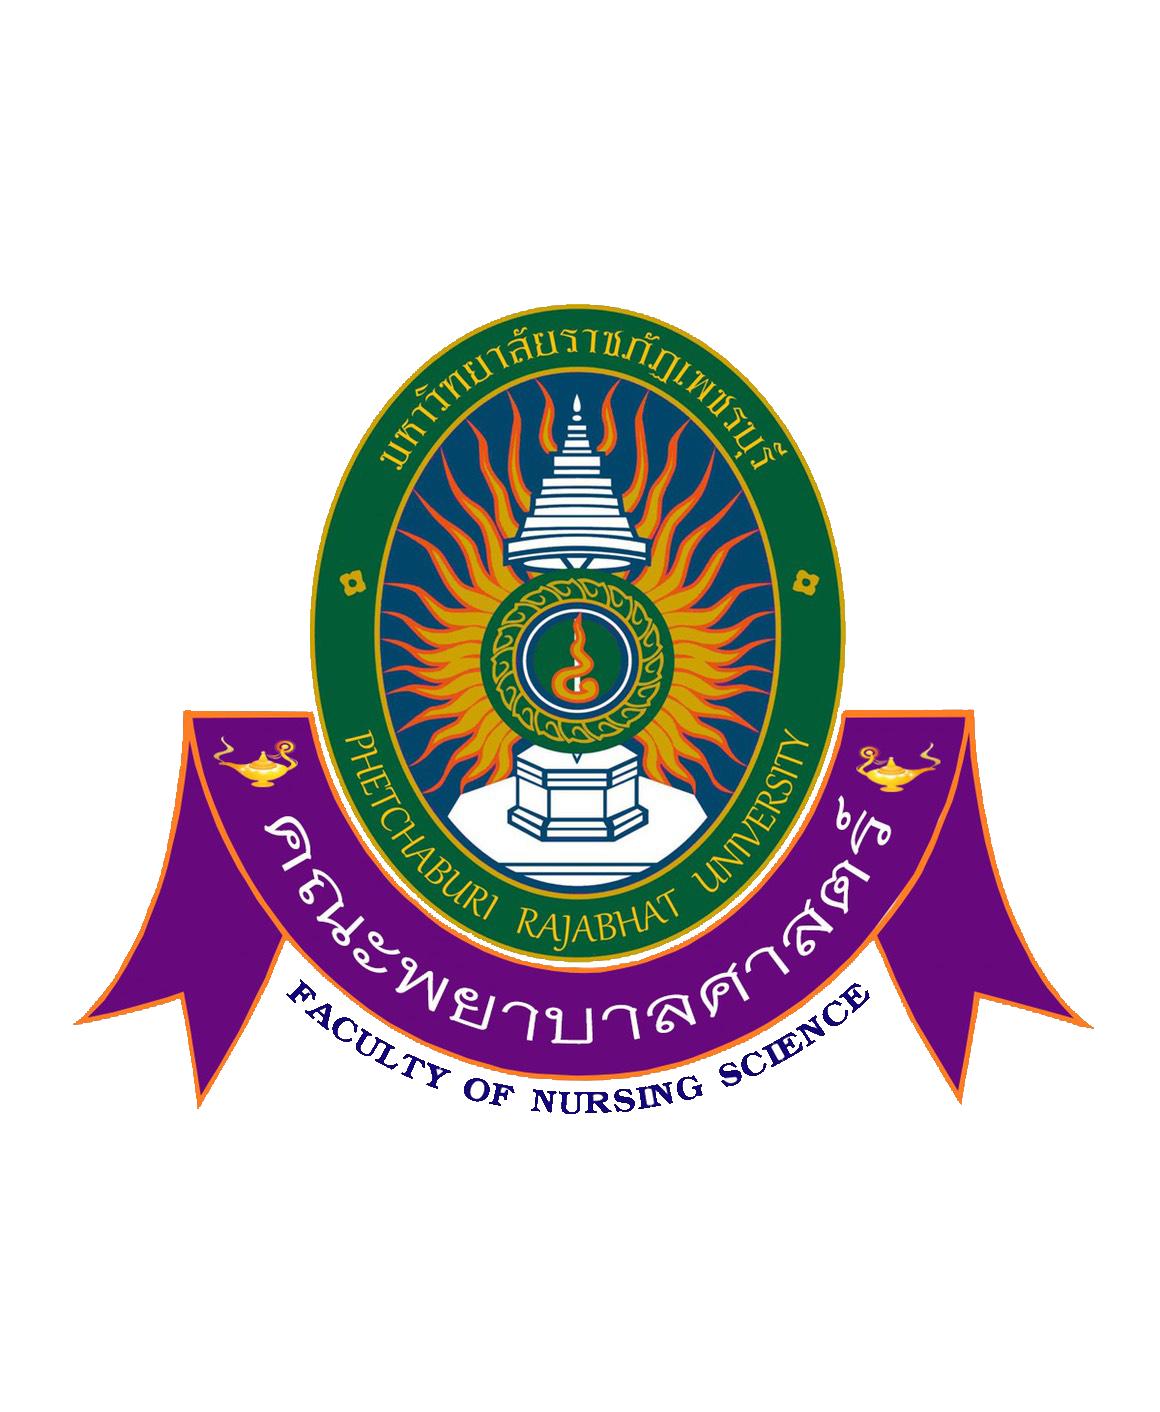 ประกาศรายชื่อผู้ผ่านการคัดเลือกเข้าศึกษาต่อ ระดับปริญญาตรีภาคปกติ ประจำปีการศึกษา 2563สาขาพยาบาลศาสตร์ คณะพยาบาลศาสตร์ มหาวิทยาลัยราชภัฏเพชรบุรี รอบรับตรงอิสระ 2 (เพิ่มเติม)